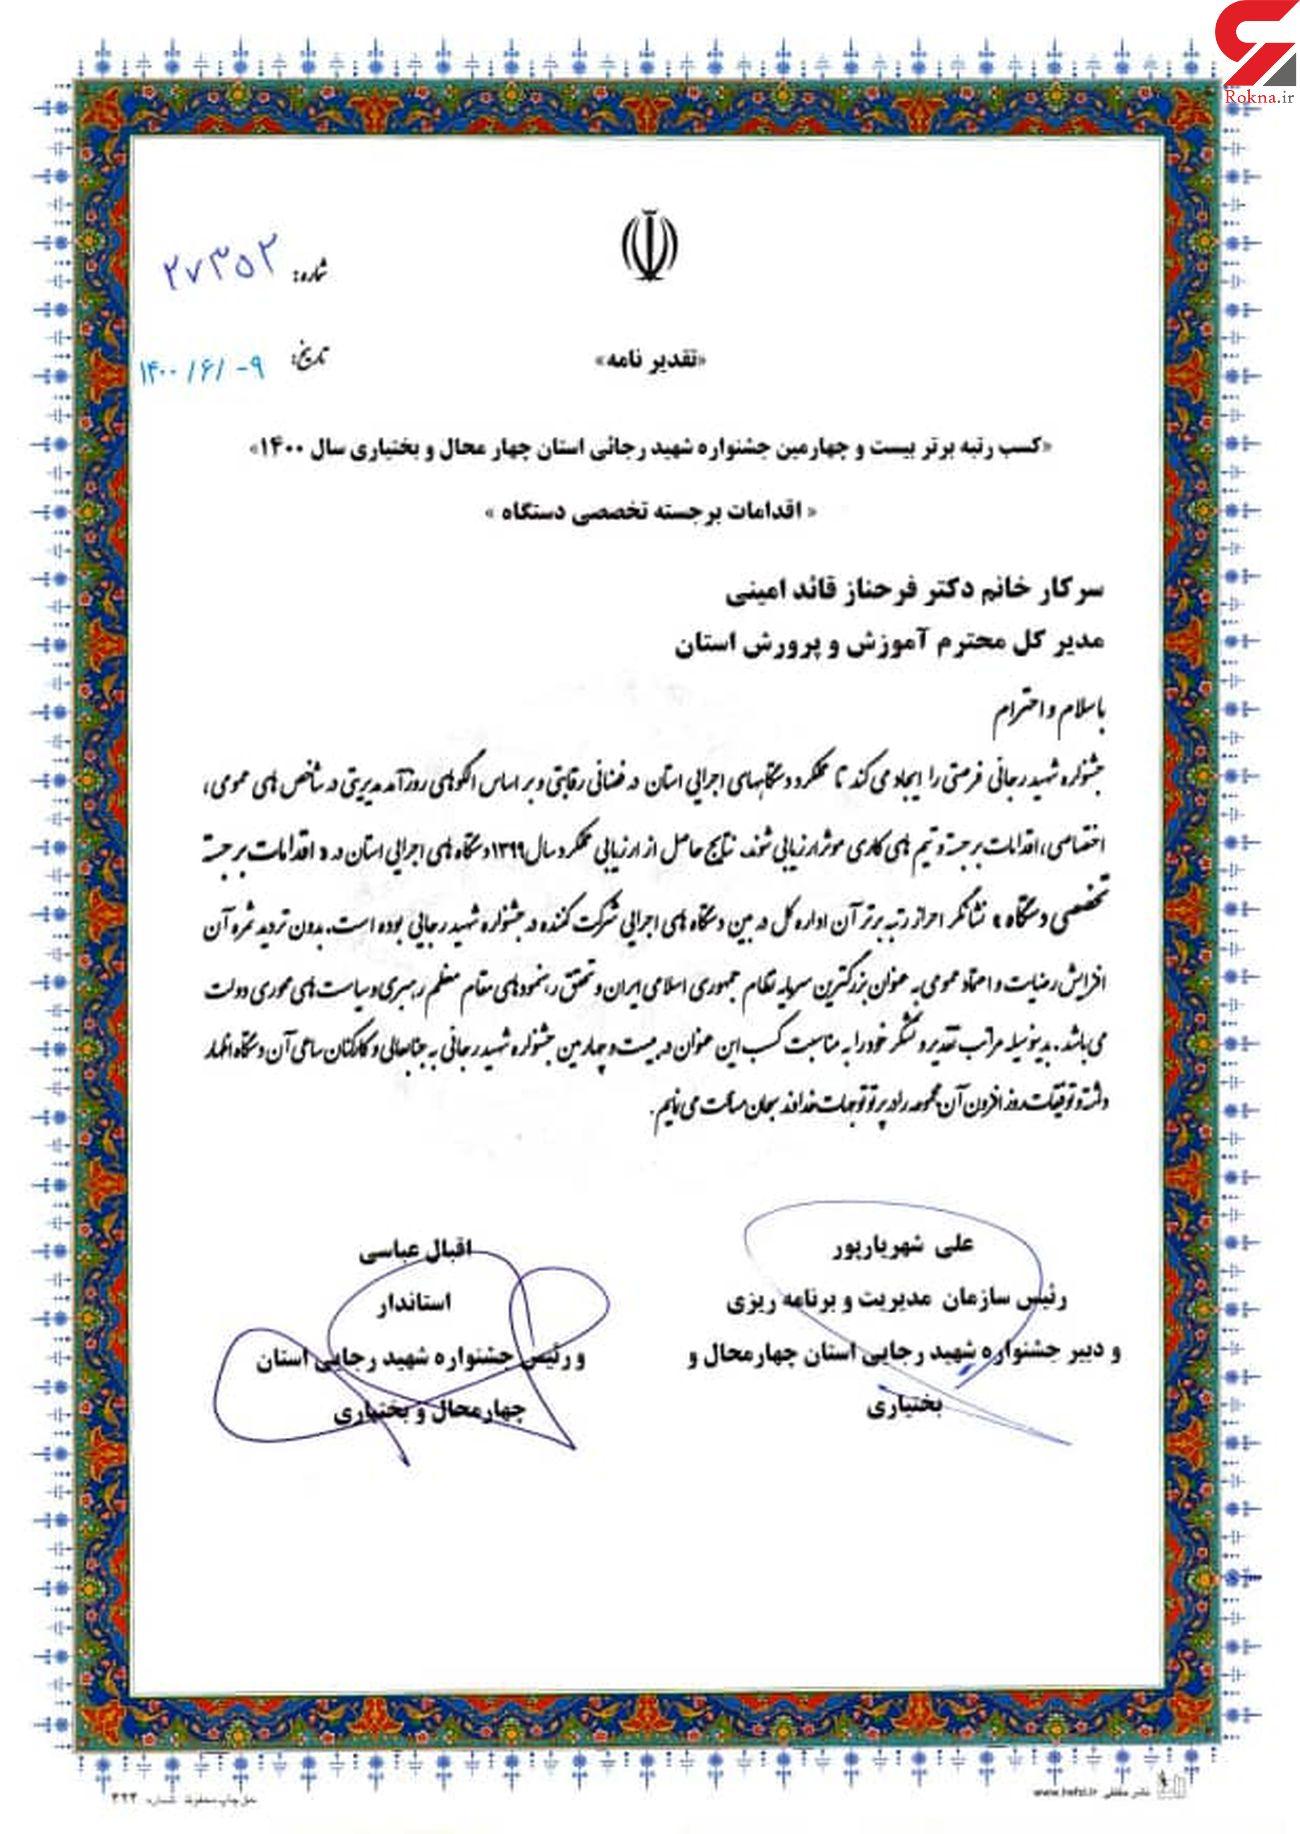 کسب رتبه برتر ادارهکل آموزشوپرورش استان در  جشنواره شهید رجایی